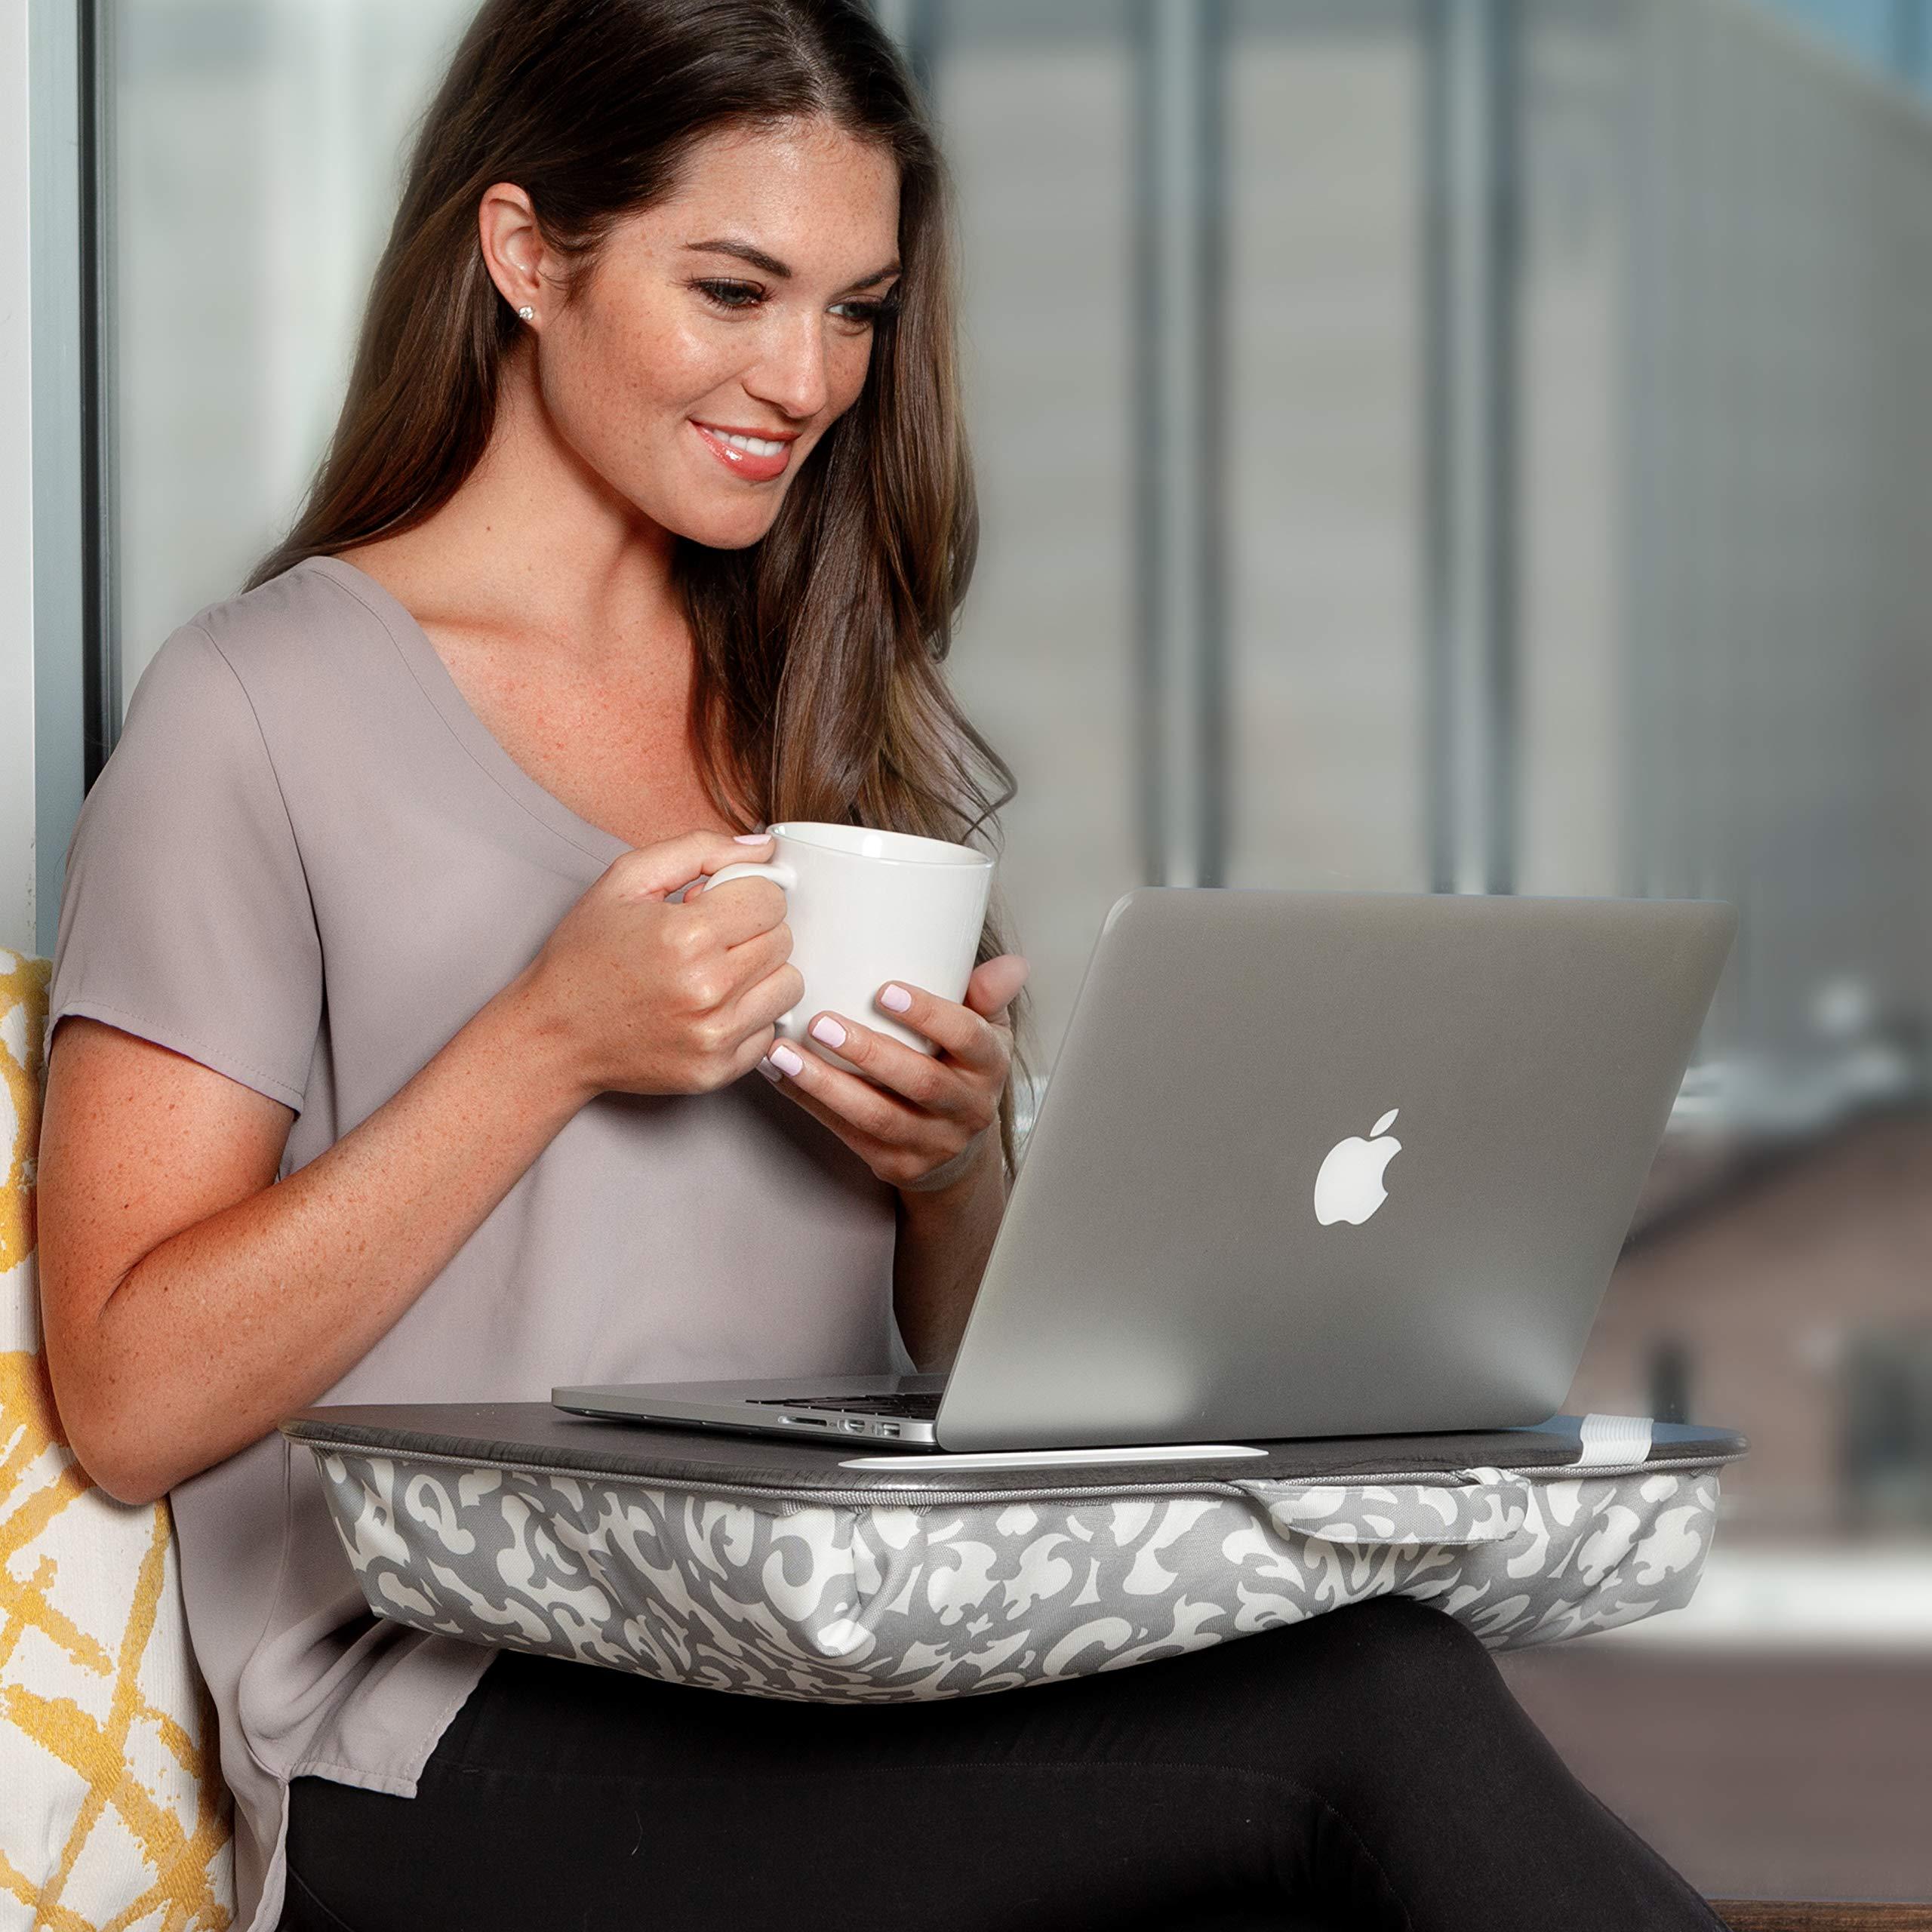 LapGear Designer Lap Desk - Aqua Trellis (Fits up to 15.6'' Laptop) - Style #45422 by Lap Desk (Image #5)